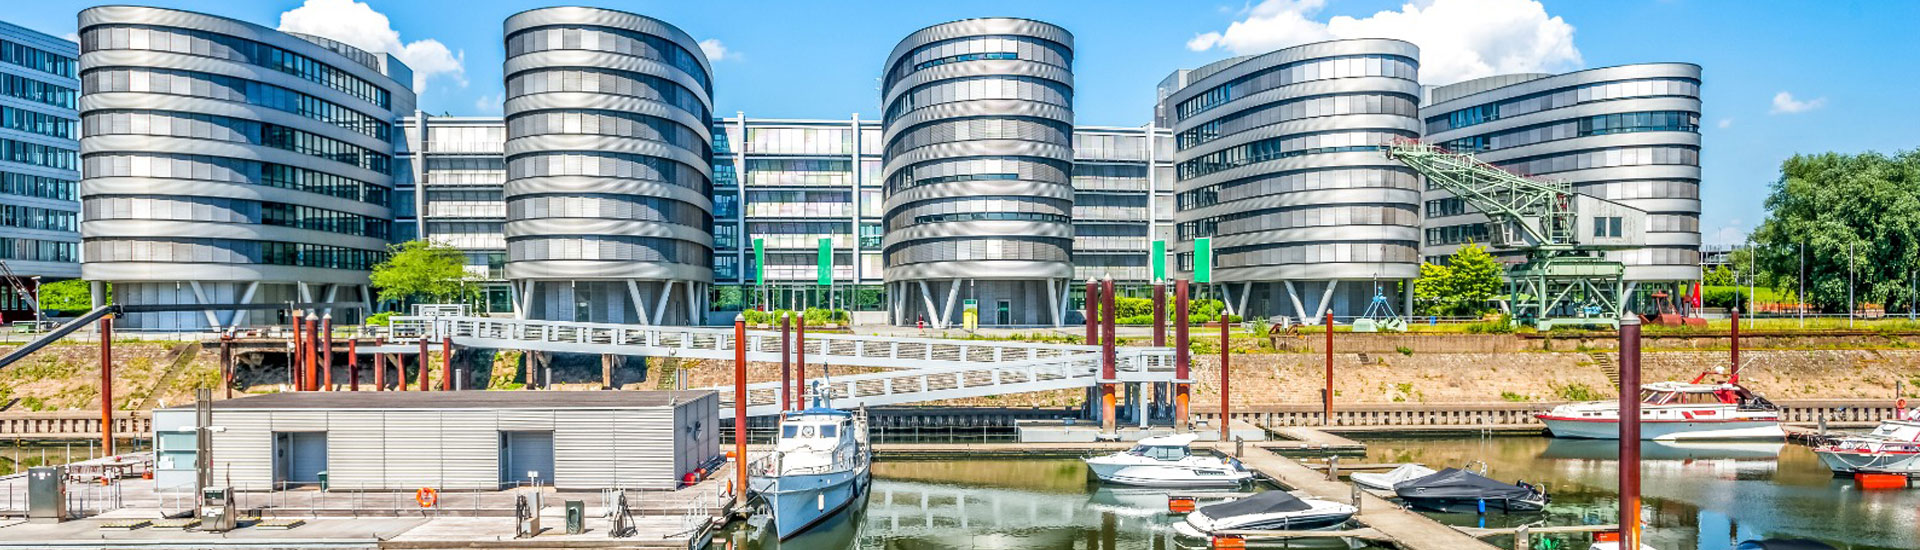 Spedition-Duisburg-Logistikunternehmen